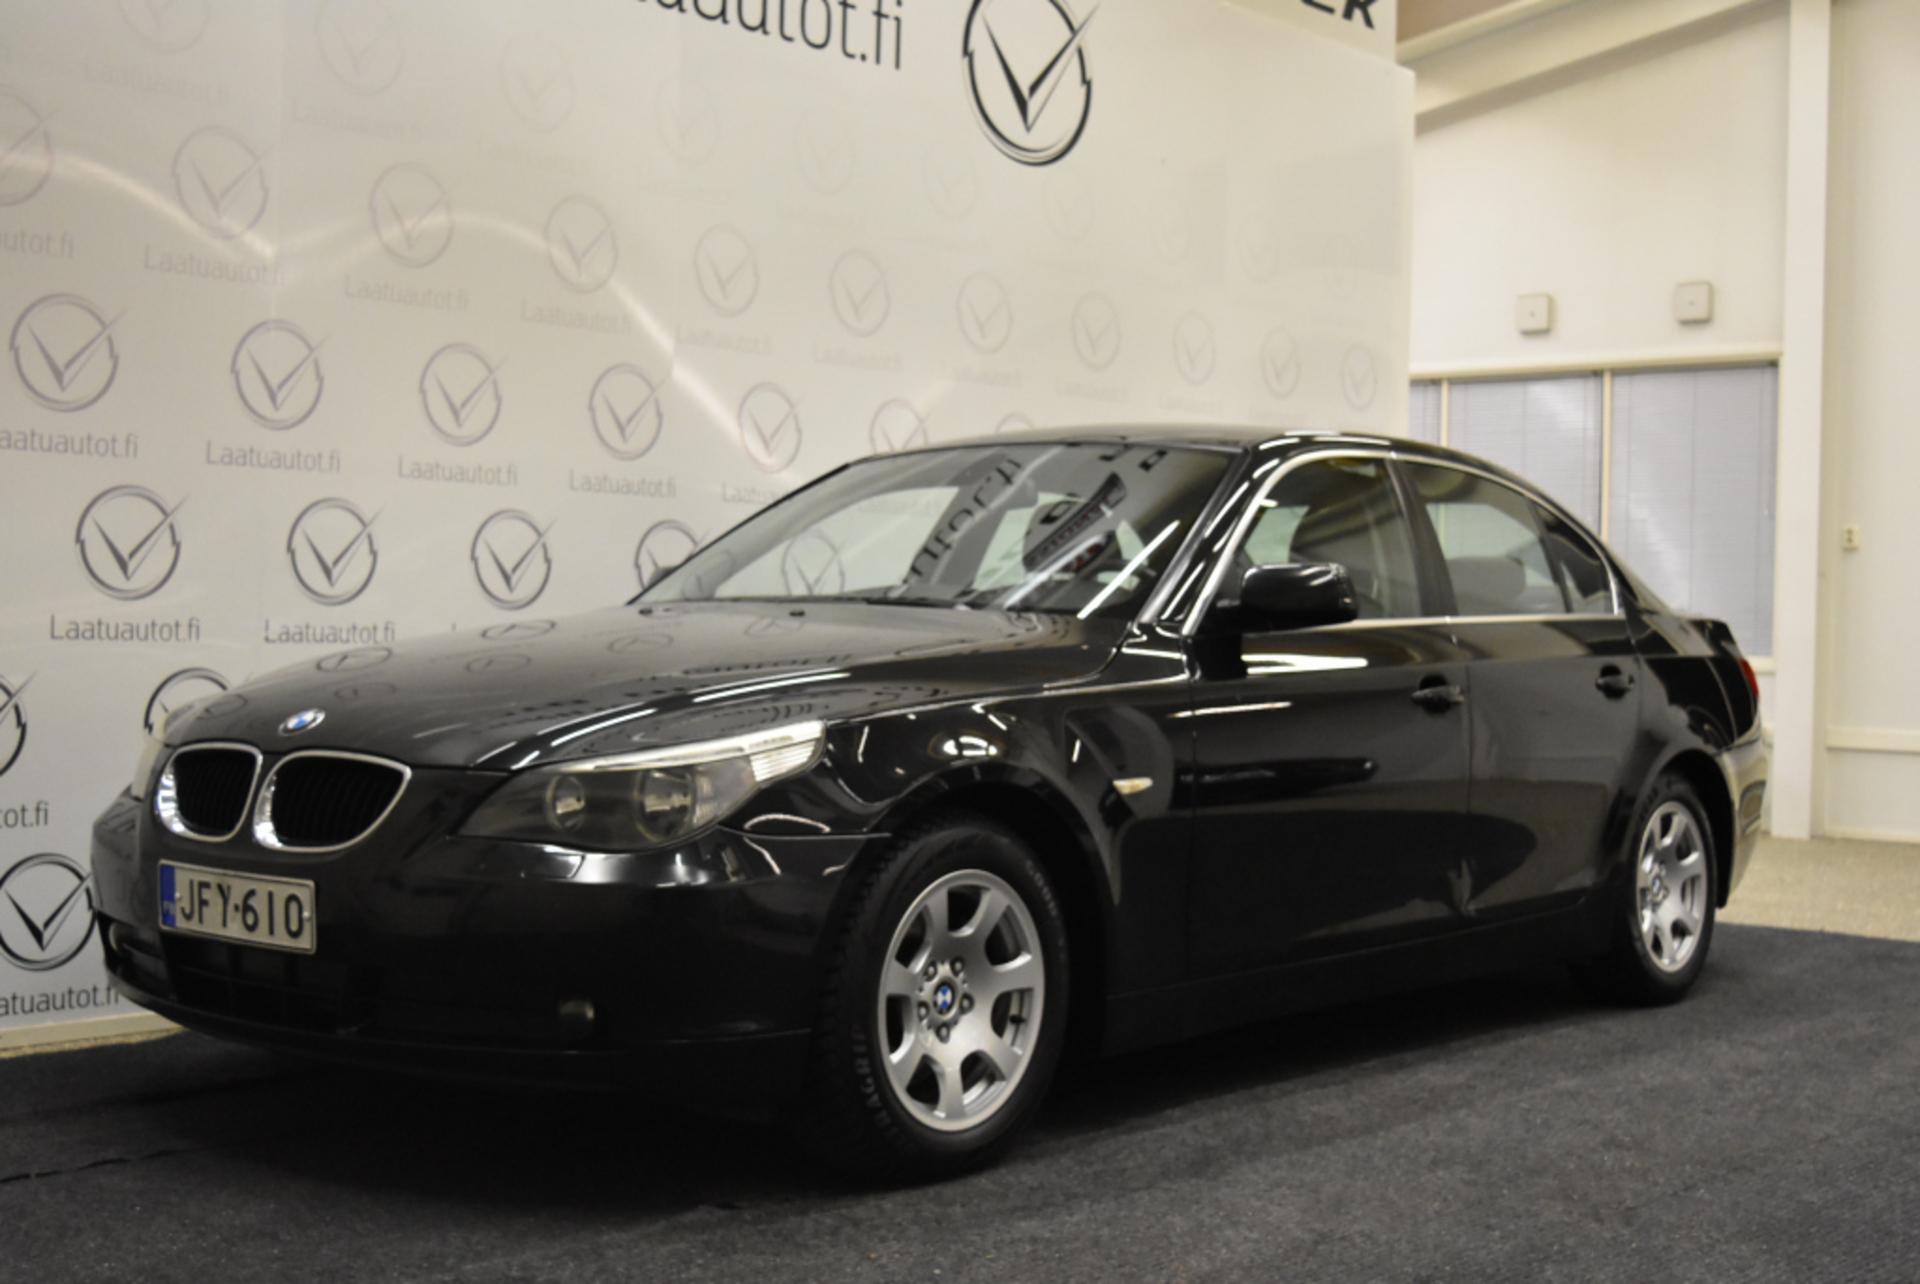 BMW 520 iA Sedan - 1-omistaja,  Suomi-auto,  Nahat,  Auto-ac,  juuri katsastettu,  jopa ilman käsirahaa